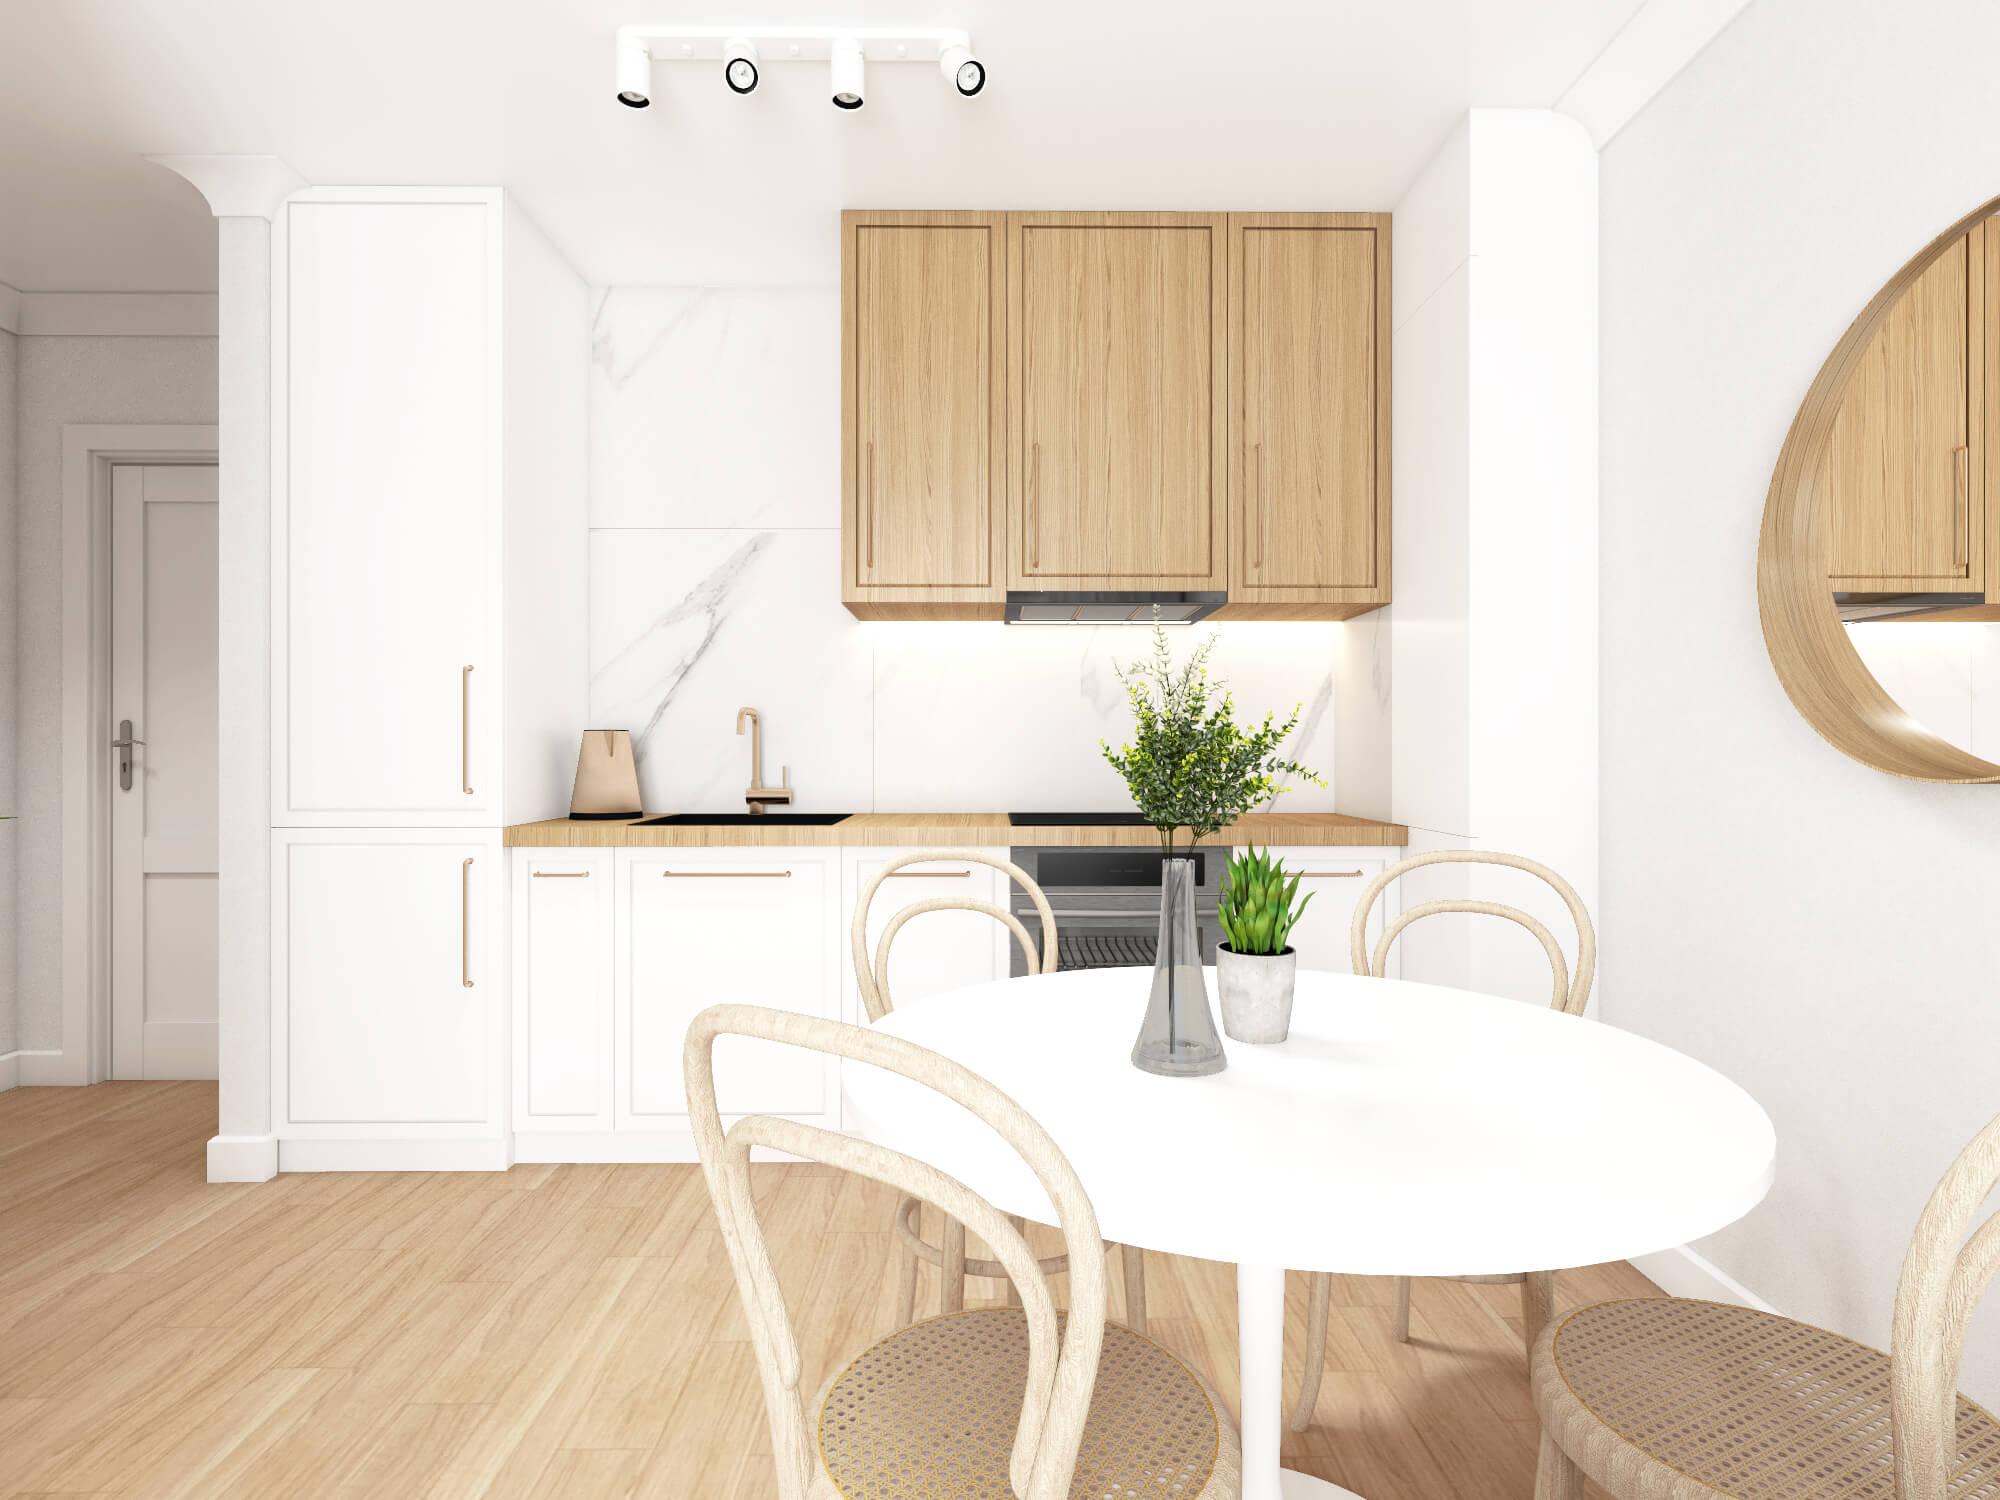 Biało drewniana kuchnia w mieszkaniu